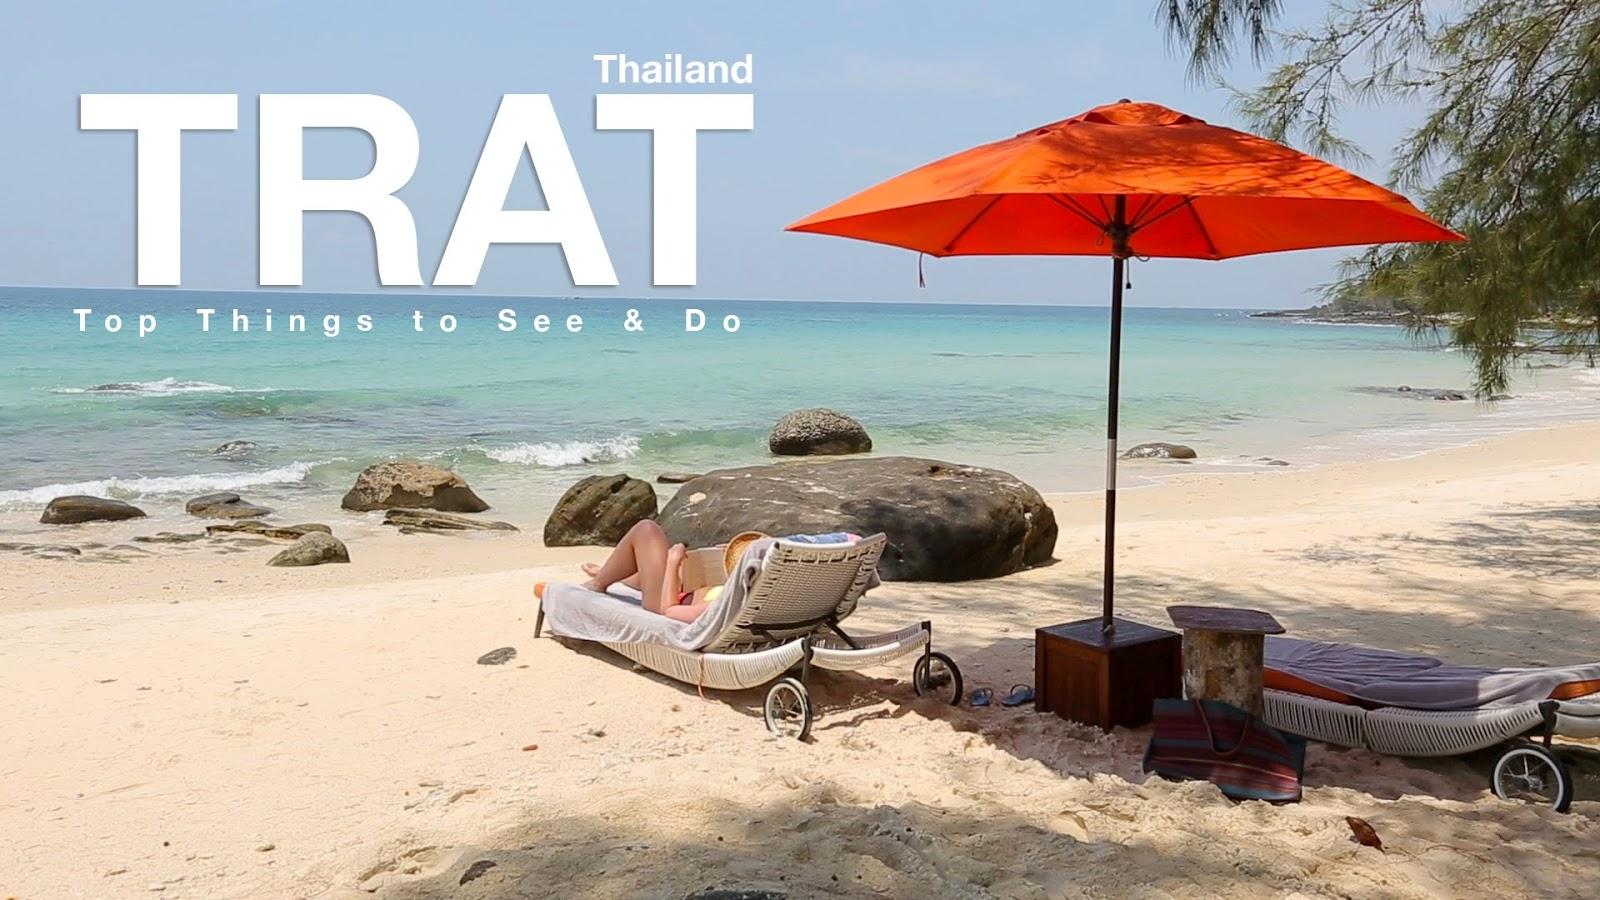 Vị trí địa lý vùng Đông Bắc Thái Lan như Trat